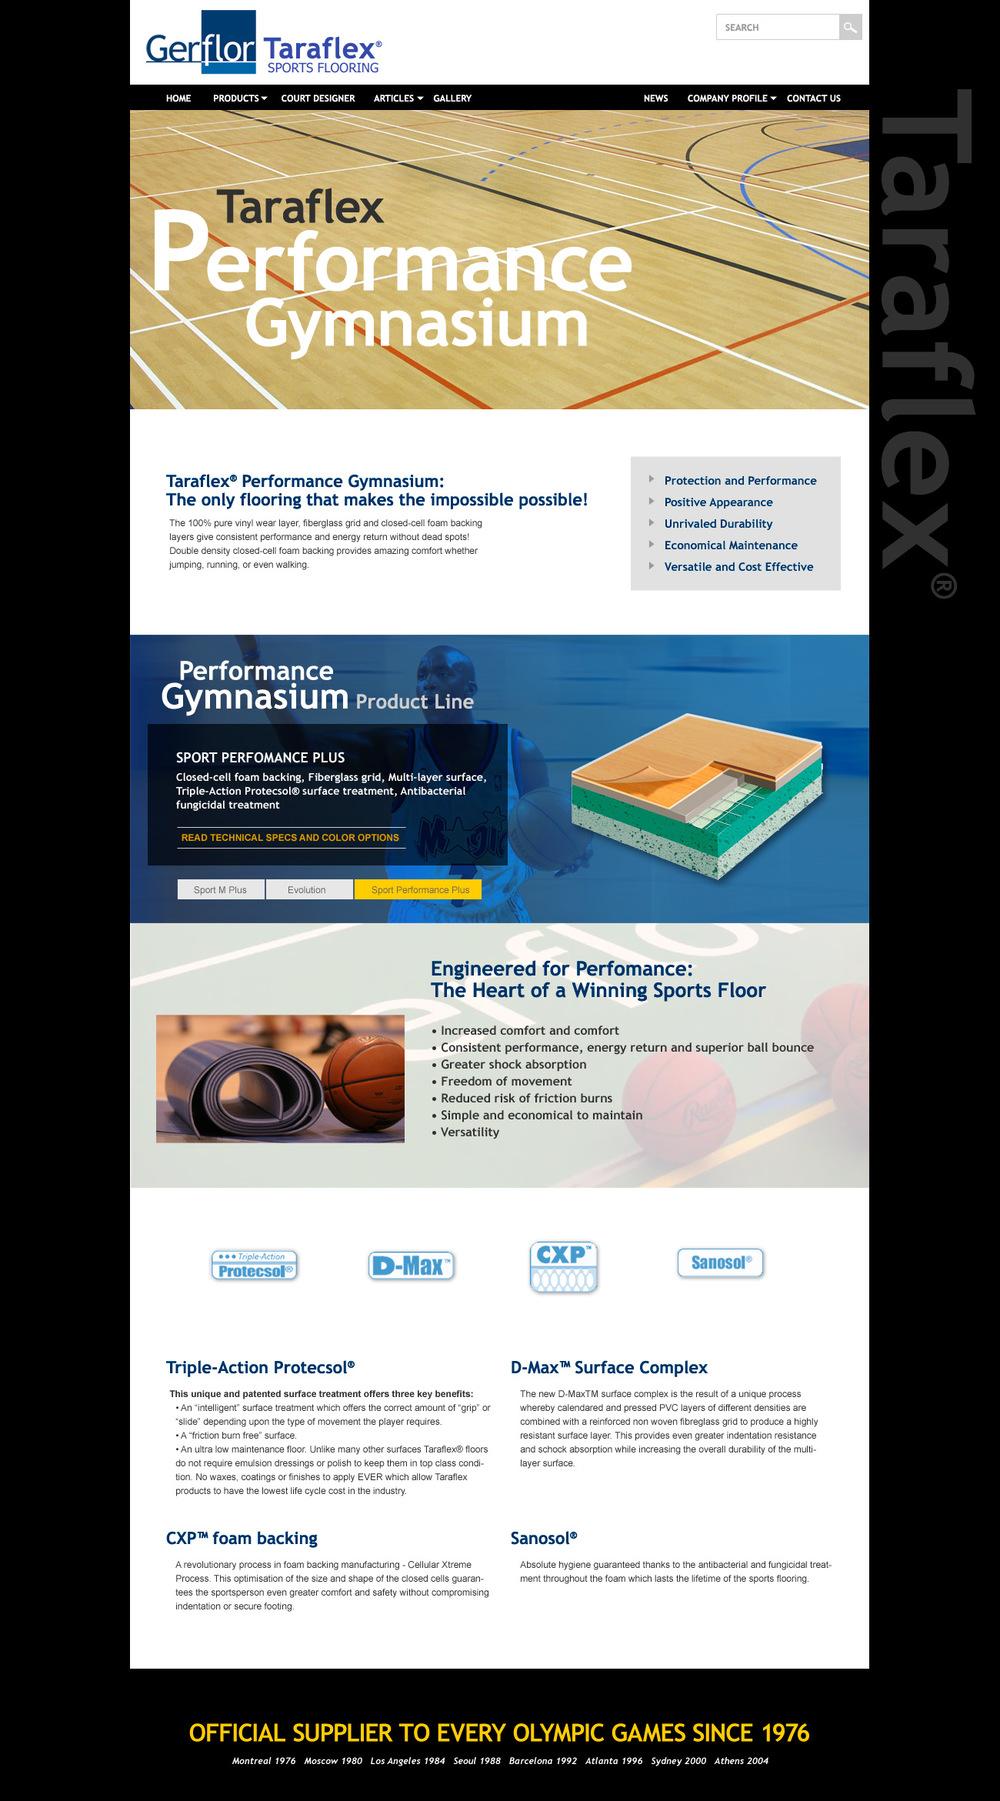 gerlor_taraflex_productPage.jpg